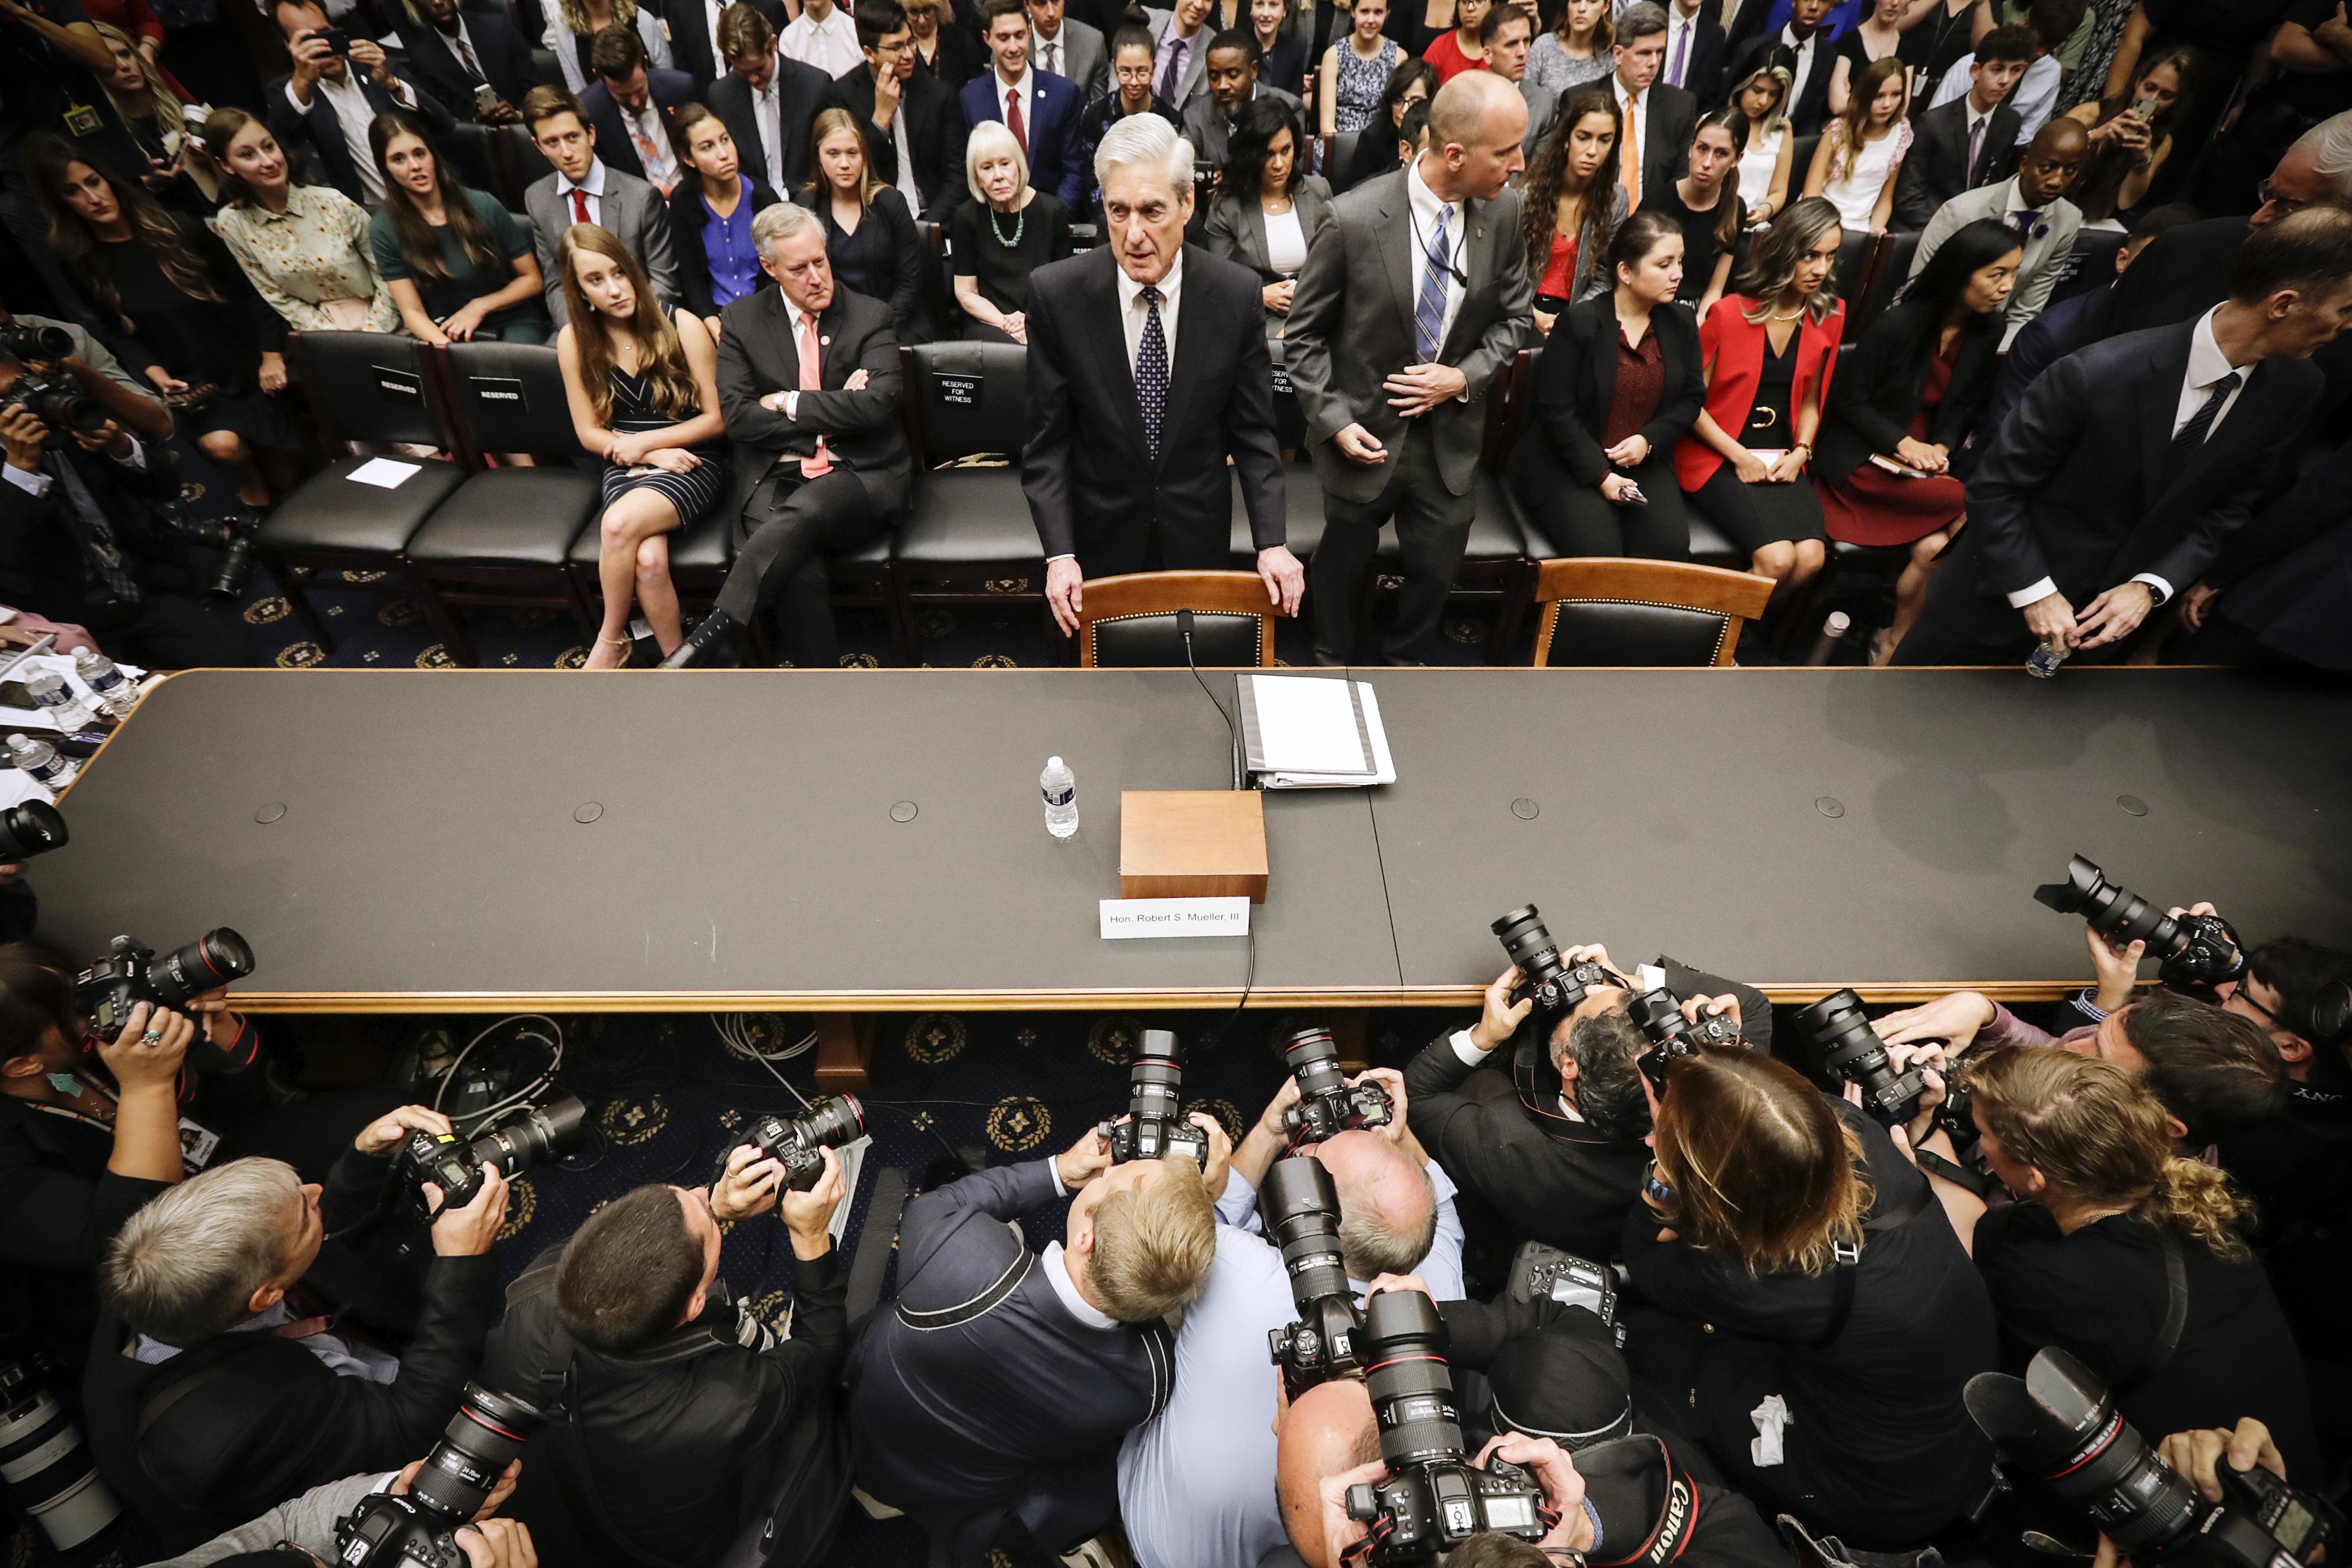 Read Robert Mueller's opening statement